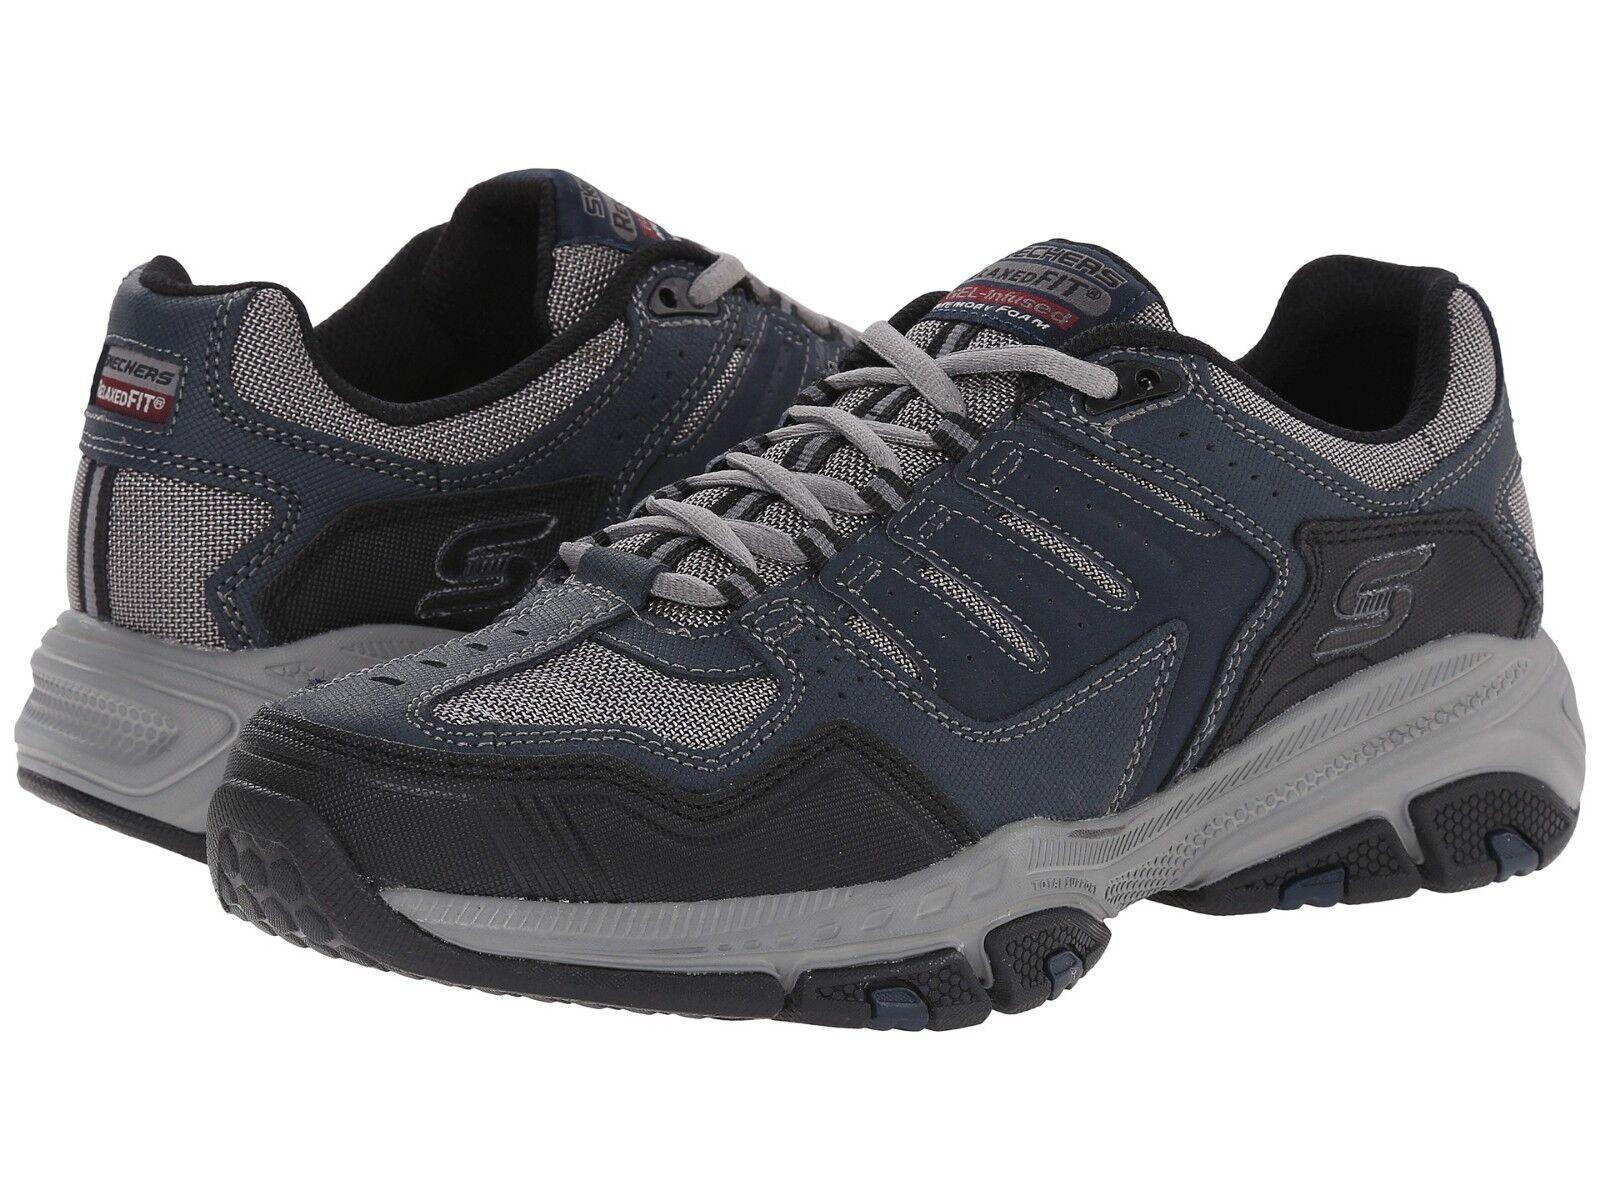 la corte tr mens scarpe skechers marina black scarpe taglia noi gli 8 e i 13 medio (d, m)